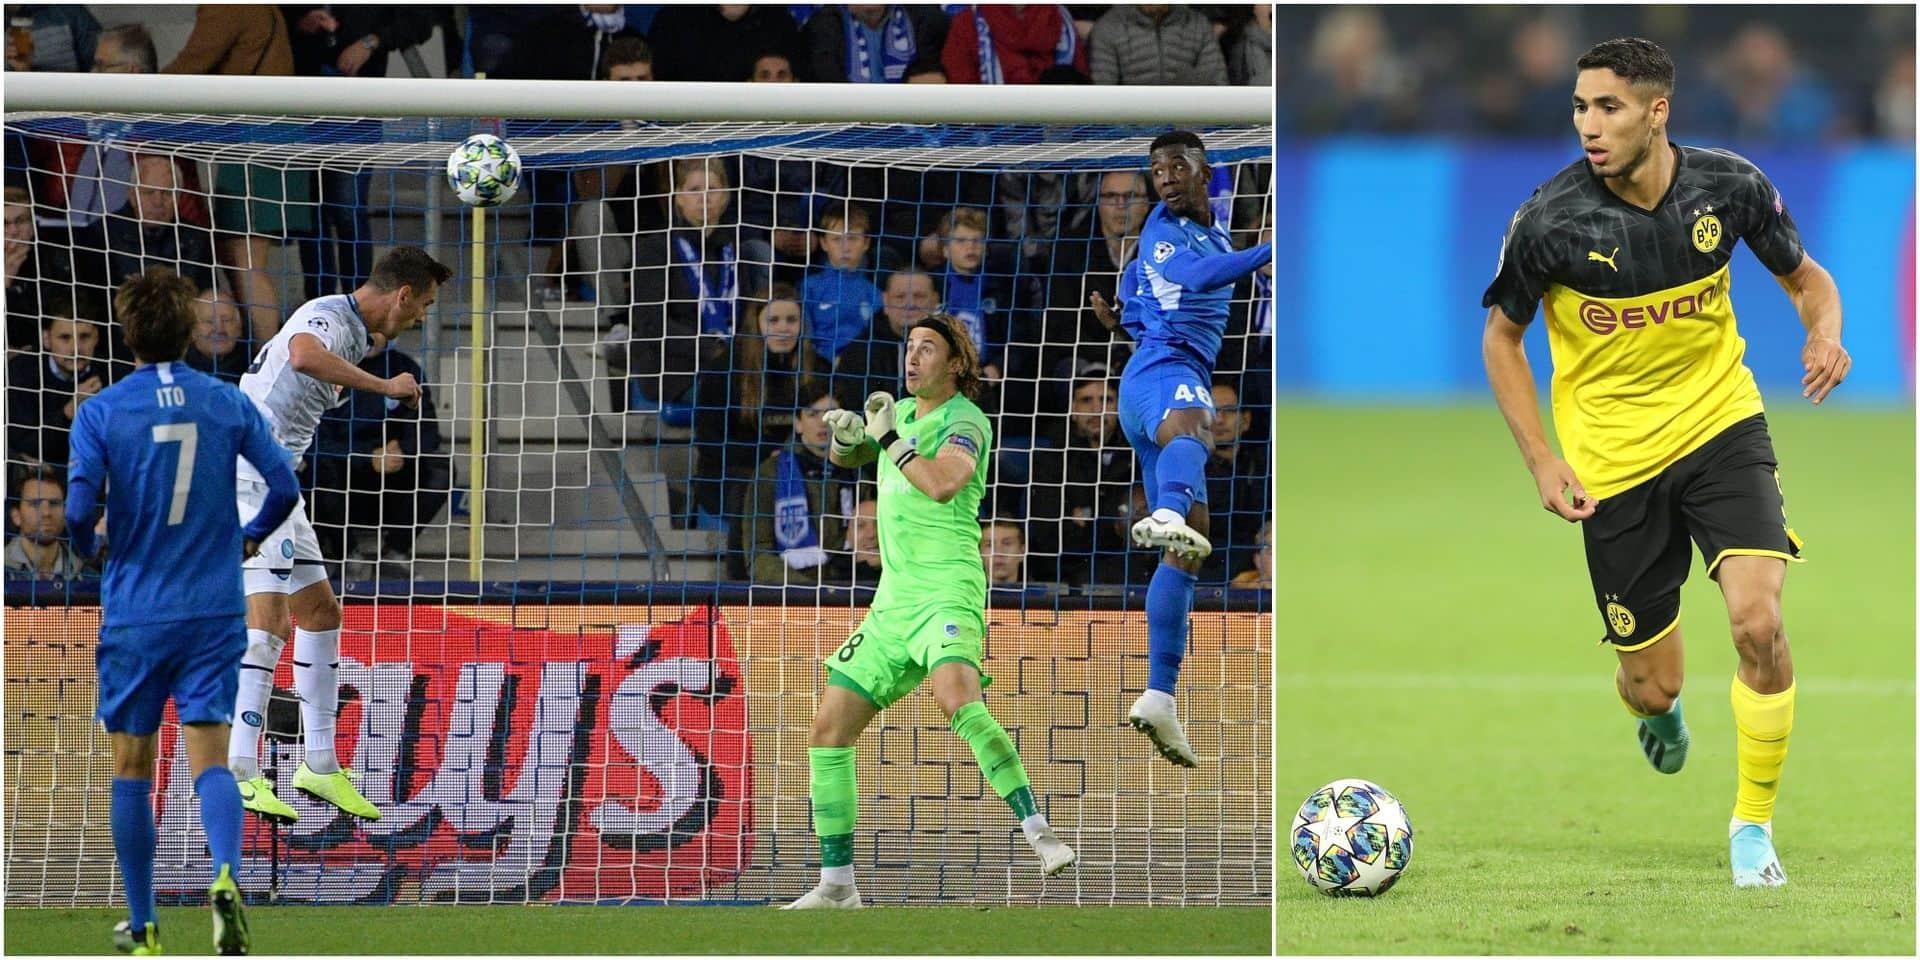 Le Racing Genk résiste face à Naples et Dries Mertens (0-0), Dortmund finit le travail avec un doublé d'Hakimi (0-2)